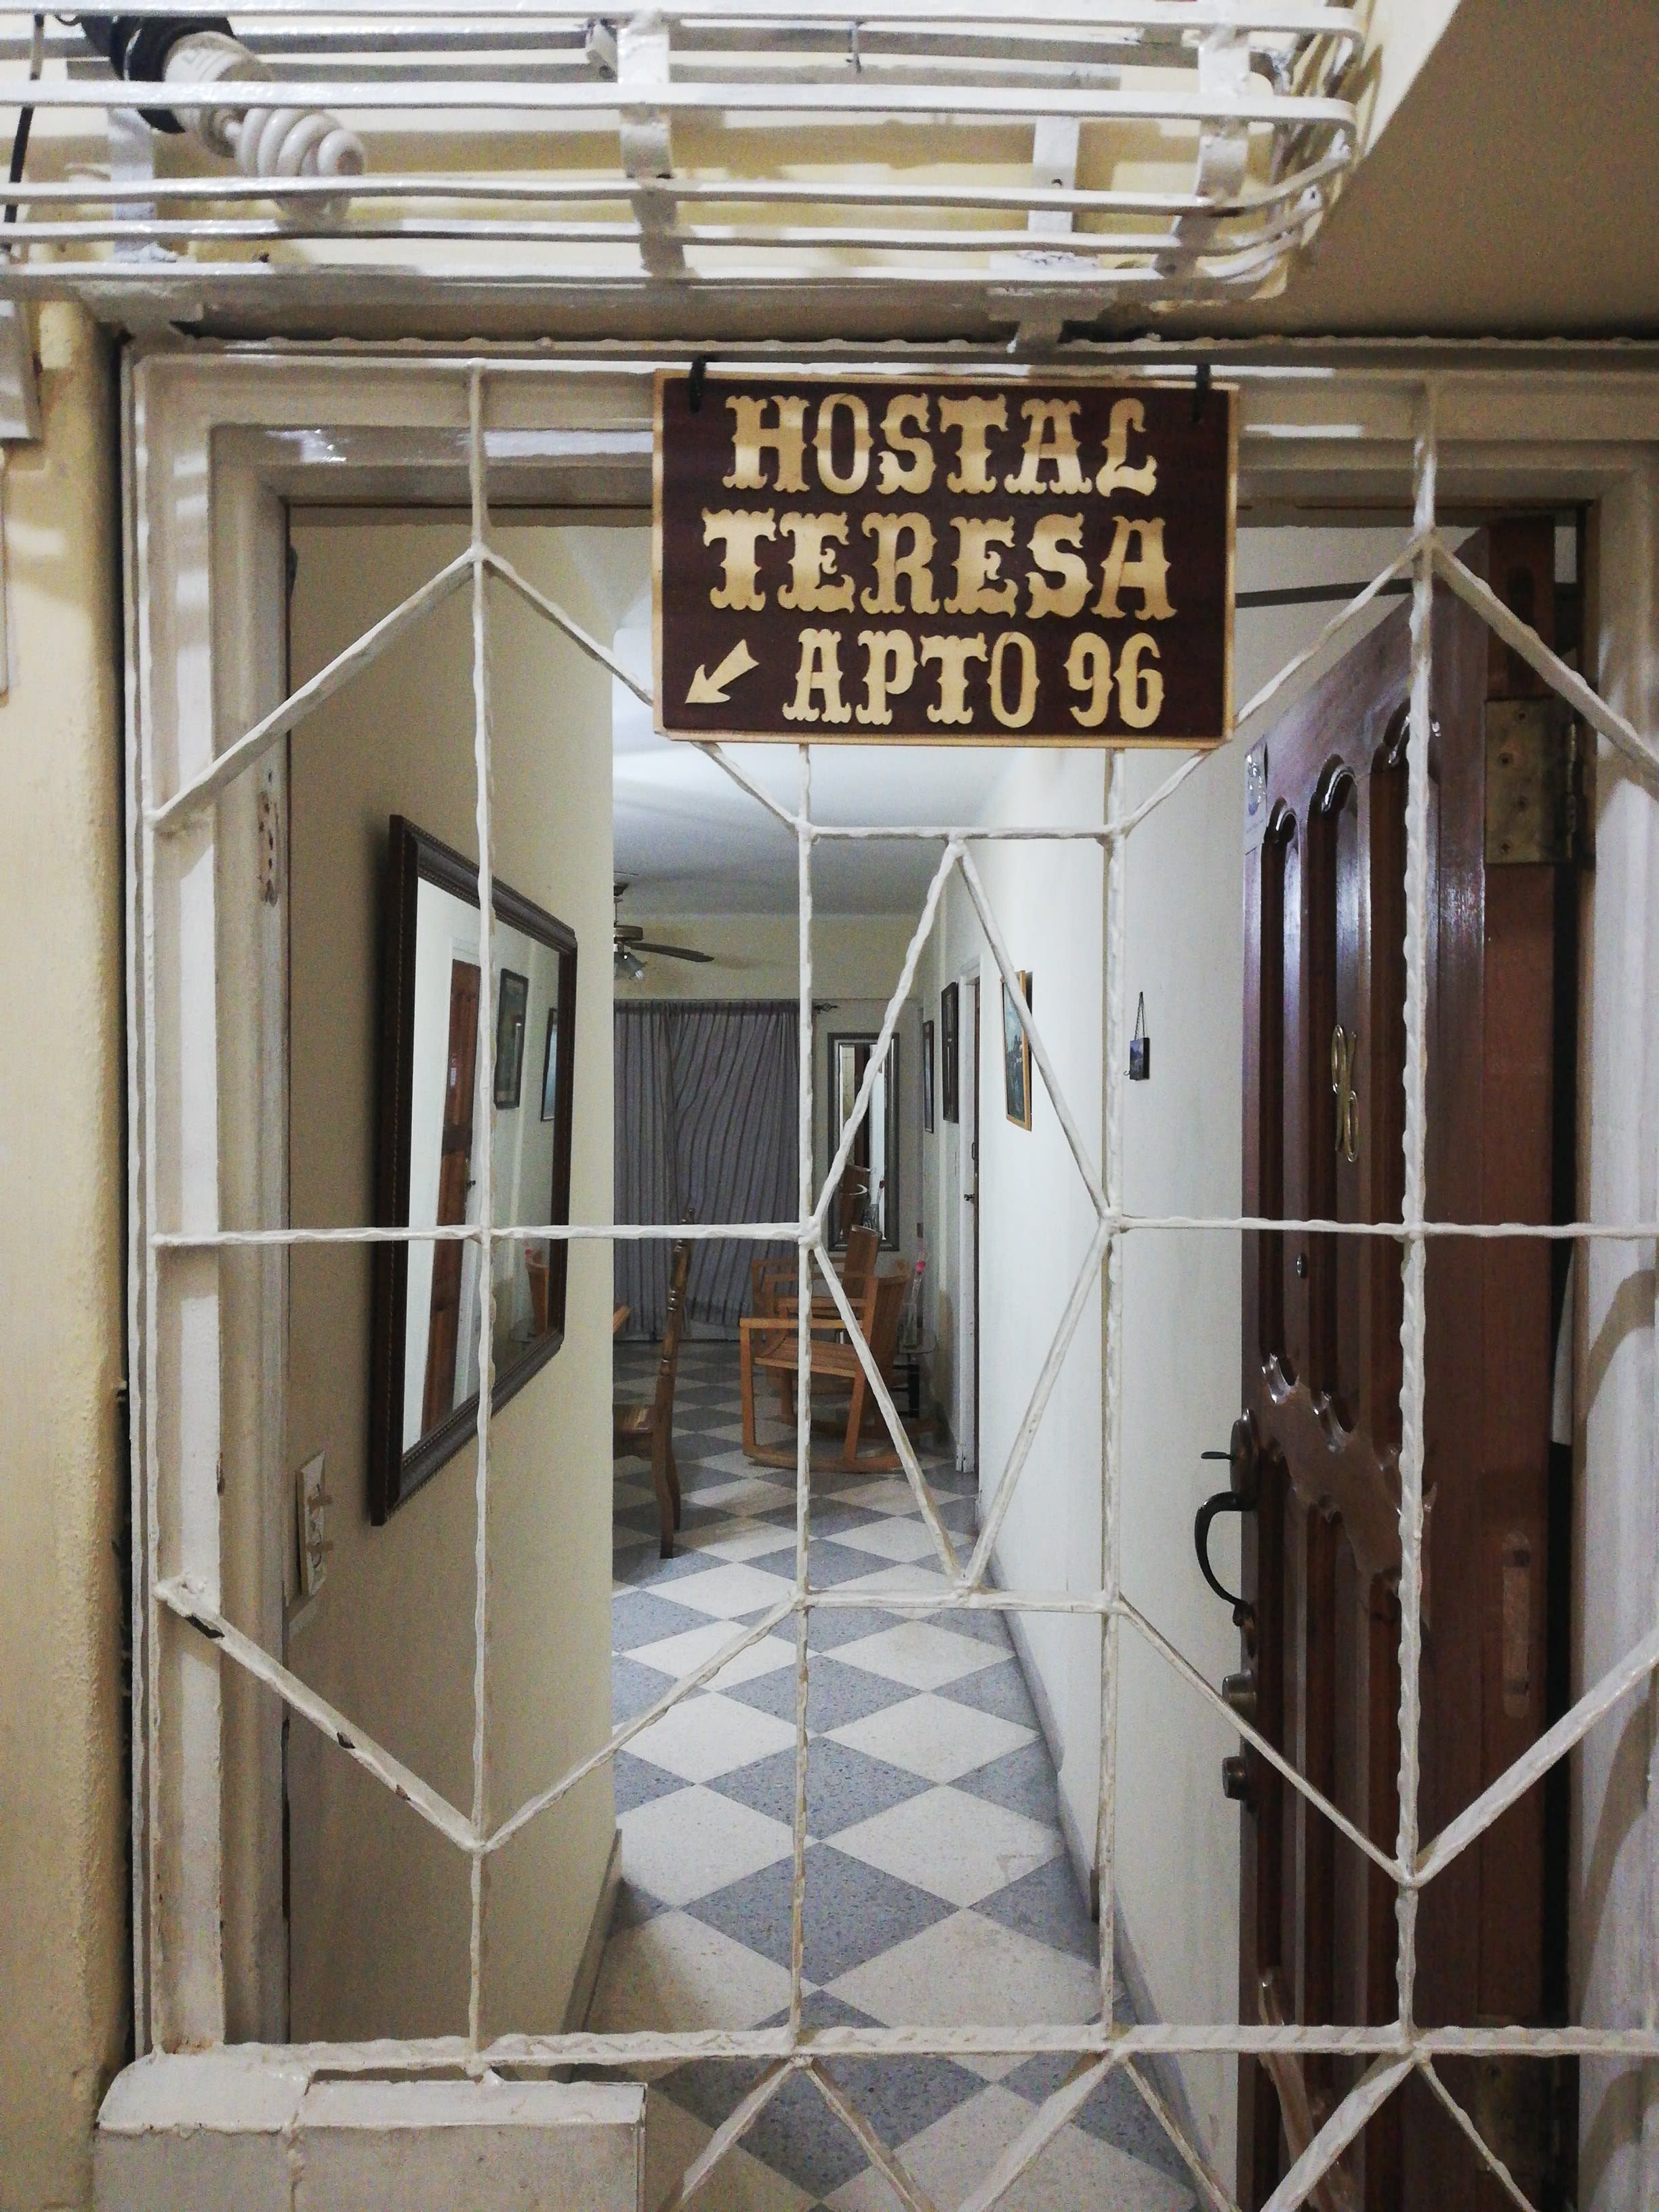 HOSTEL - Hostal Teresa